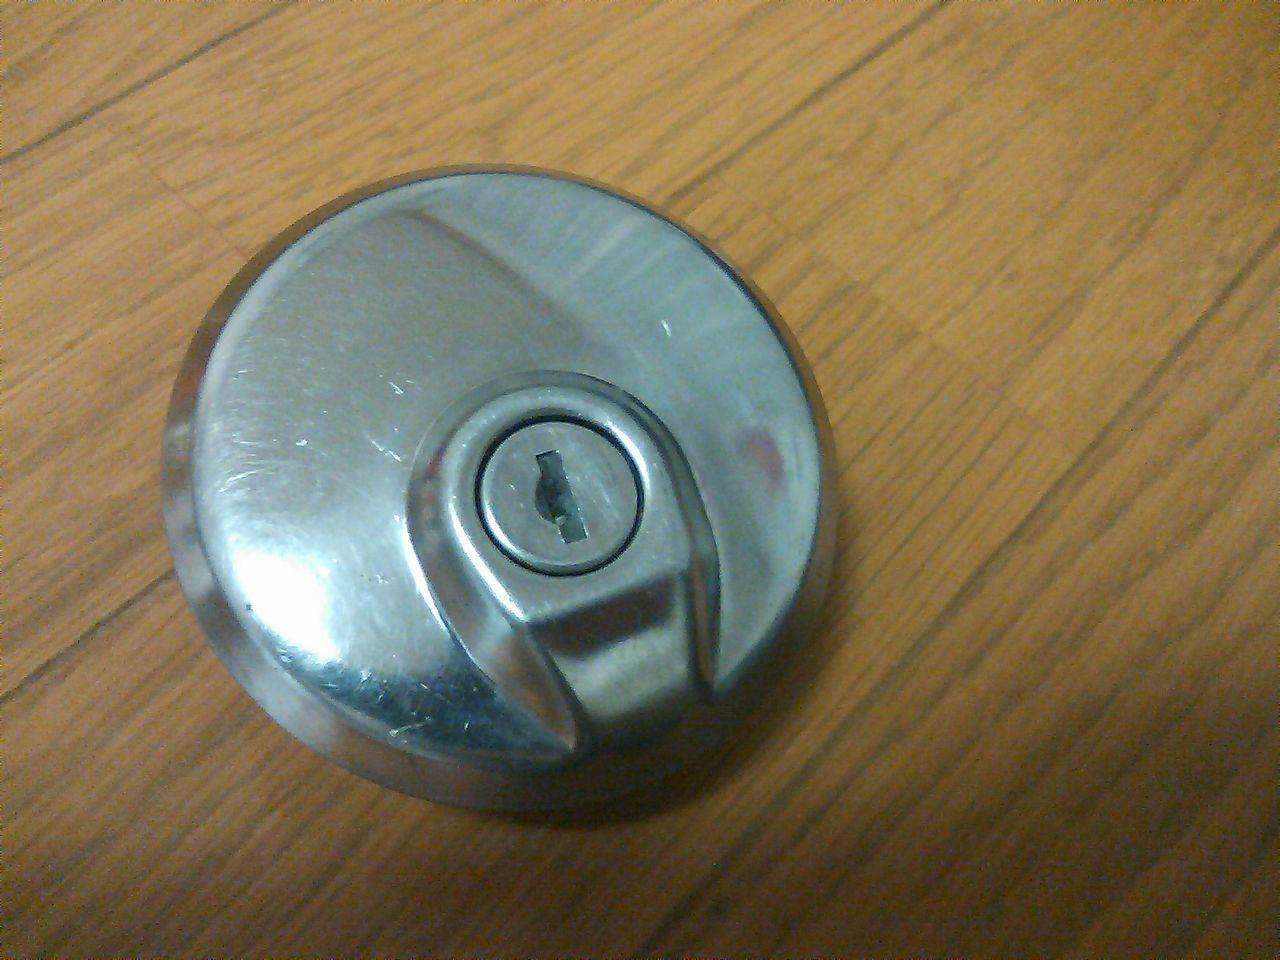 タンクキャップをドリルで開錠 : セイ生活